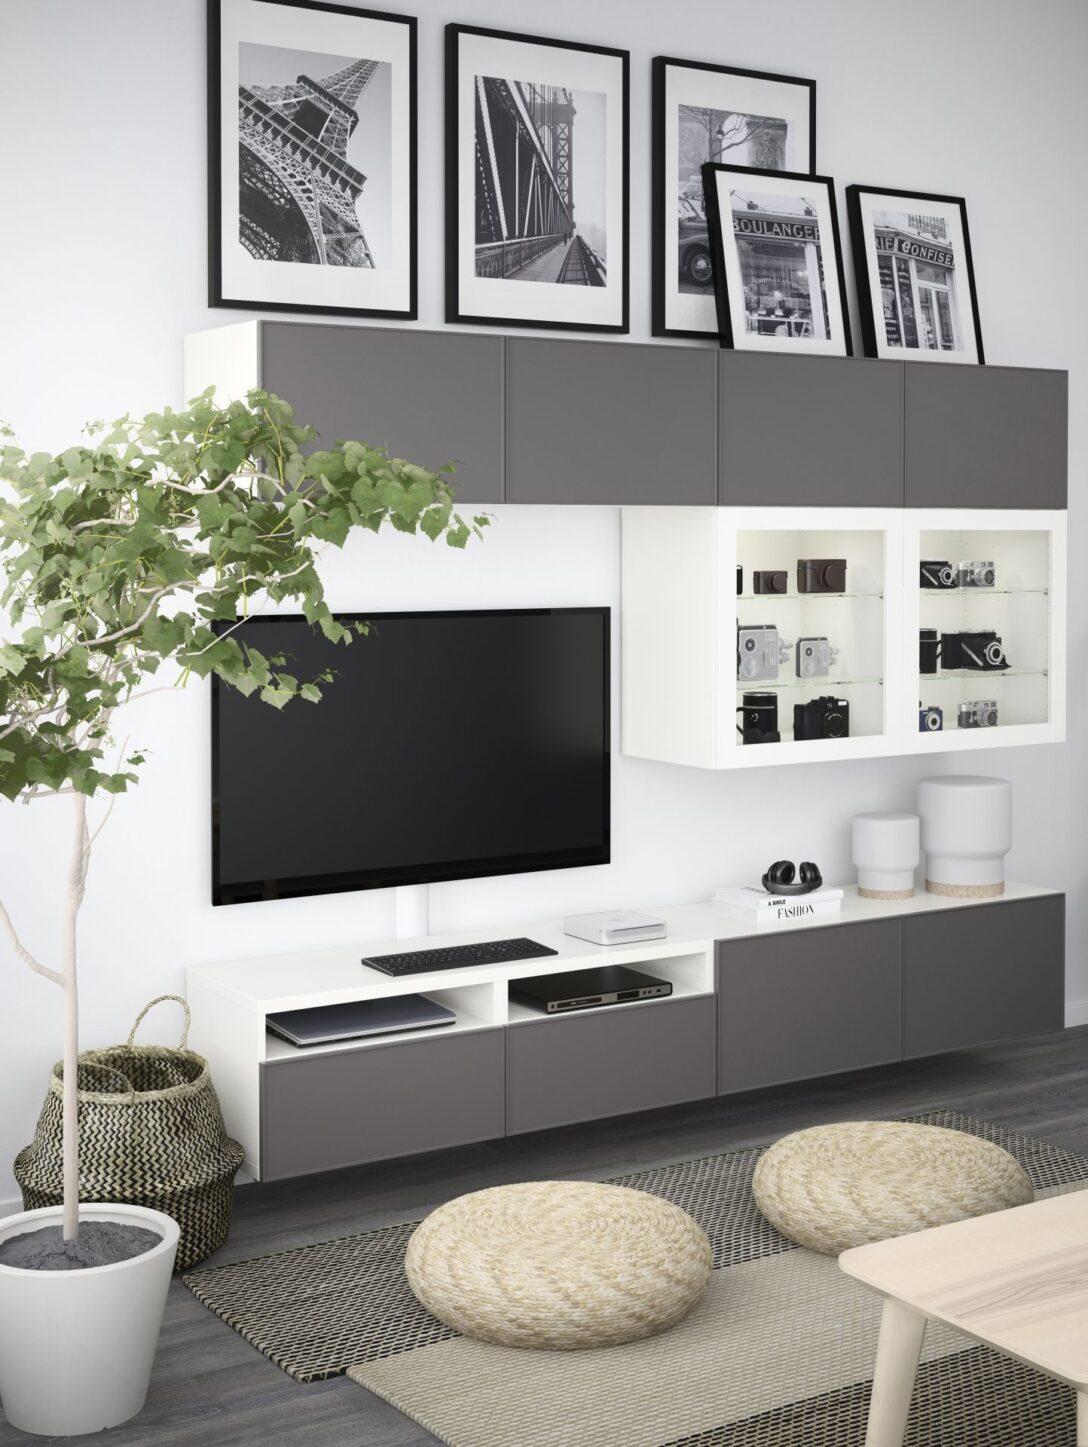 Large Size of Wohnzimmerschränke Ikea Mbel Einrichtungsideen Fr Dein Zuhause Wohnzimmer Küche Kaufen Miniküche Betten 160x200 Modulküche Kosten Bei Sofa Mit Wohnzimmer Wohnzimmerschränke Ikea